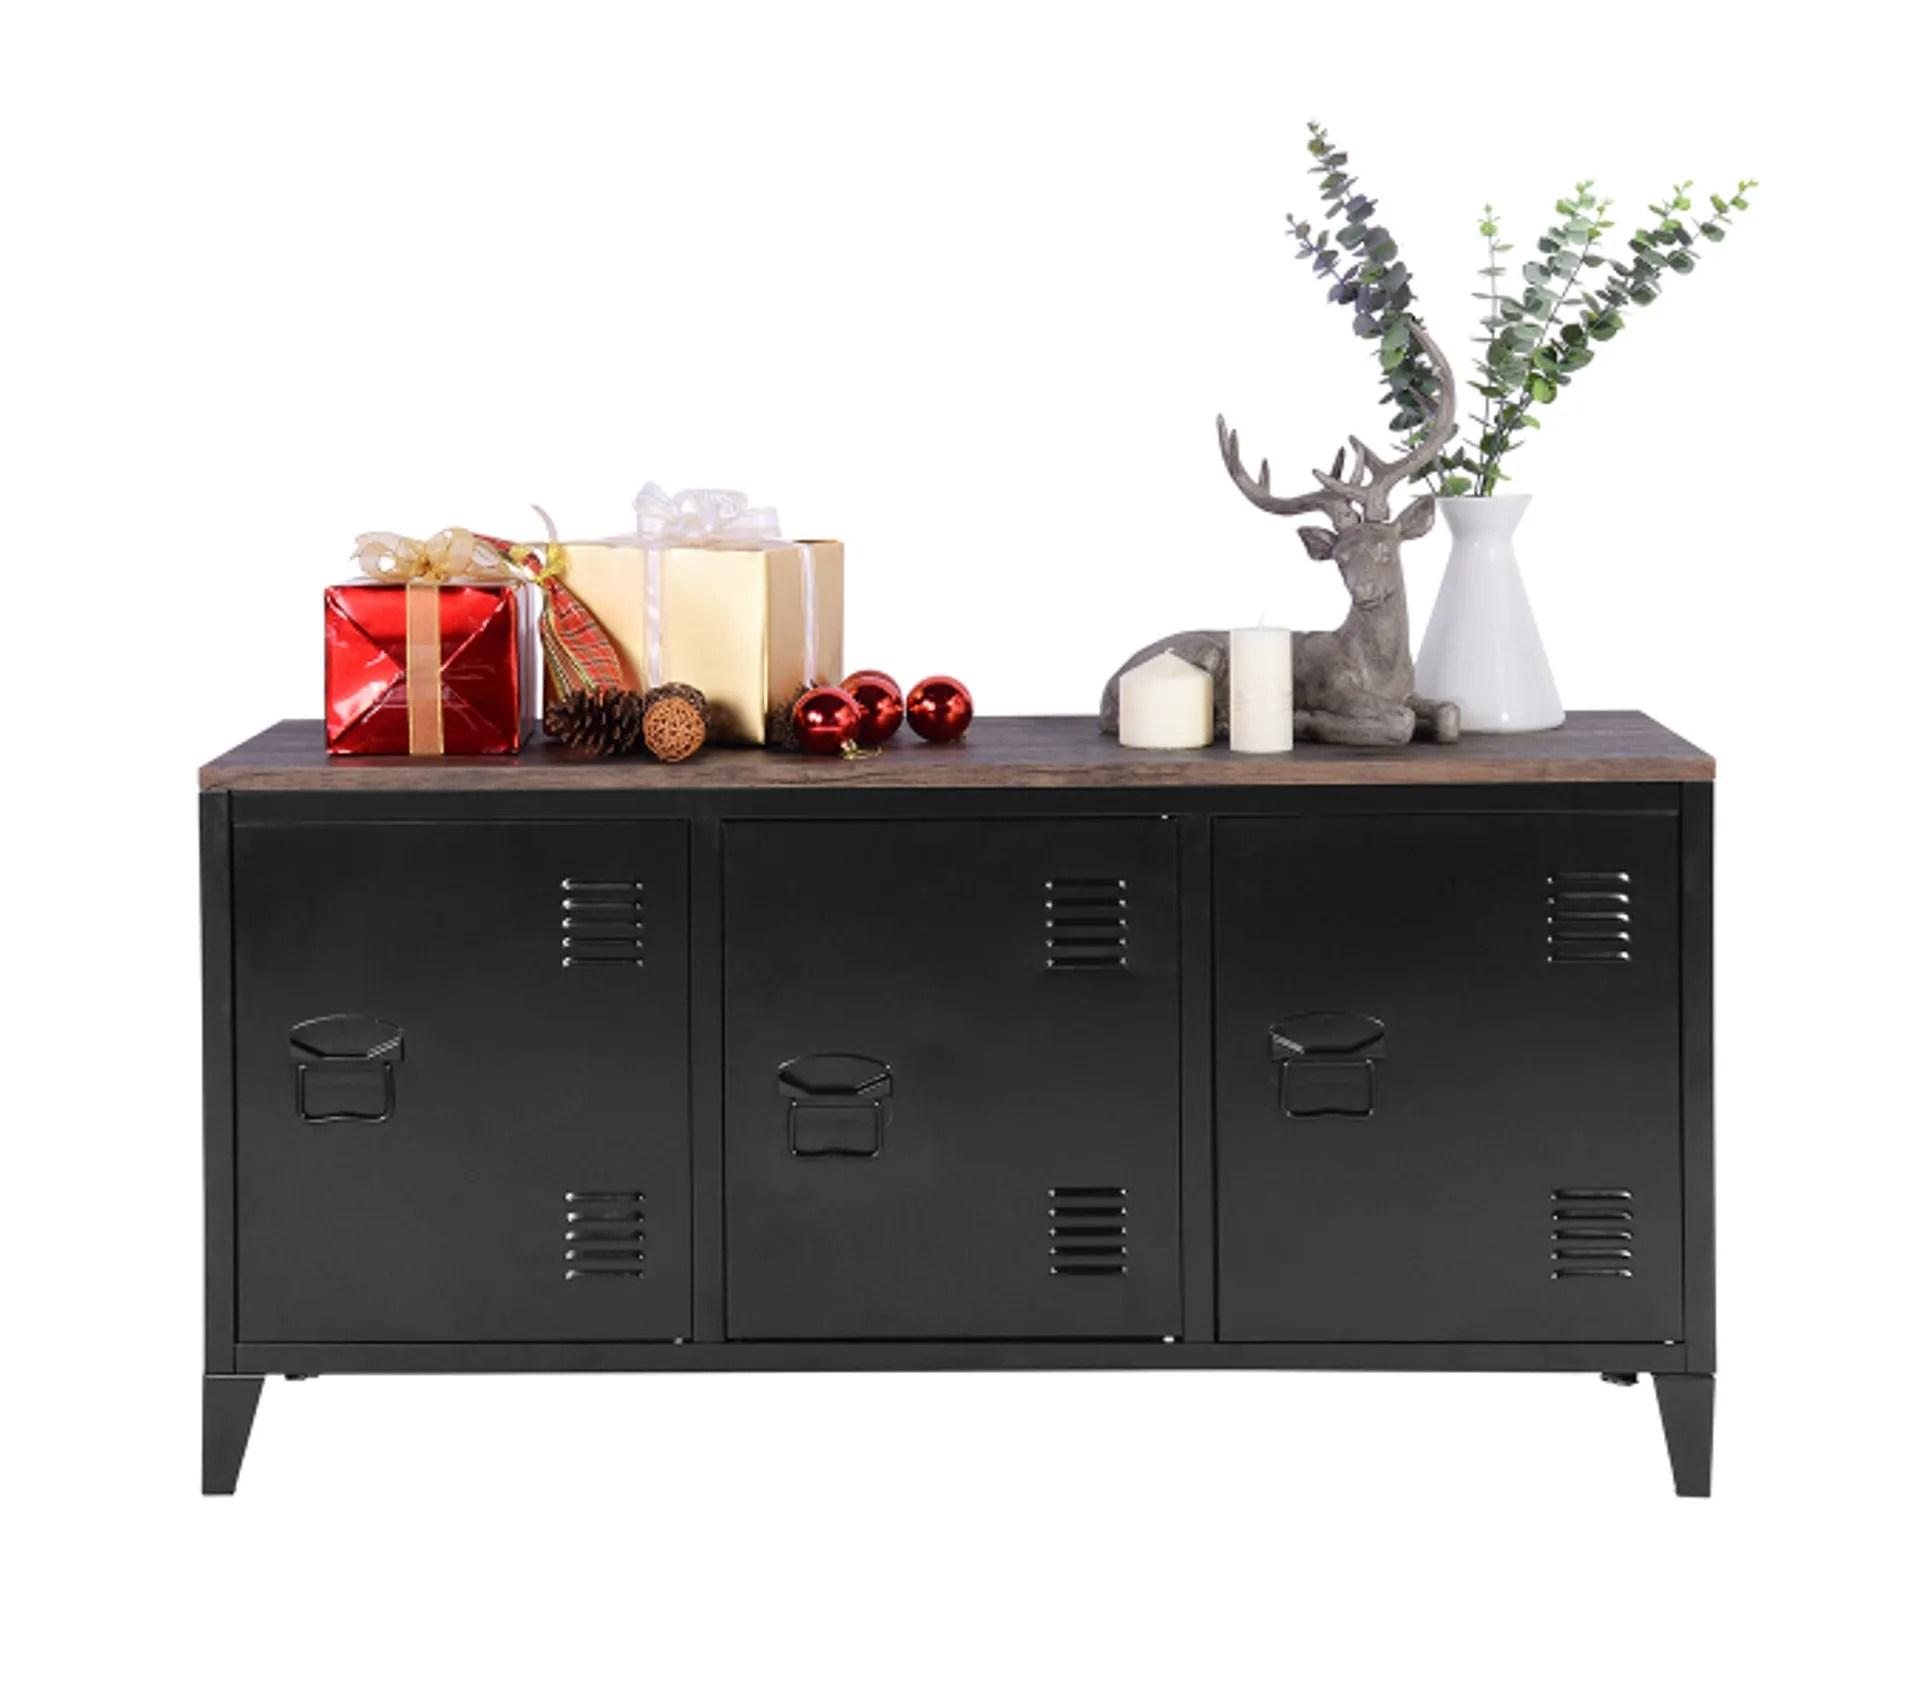 meuble tv bois et metal 3 portes style industriel noir